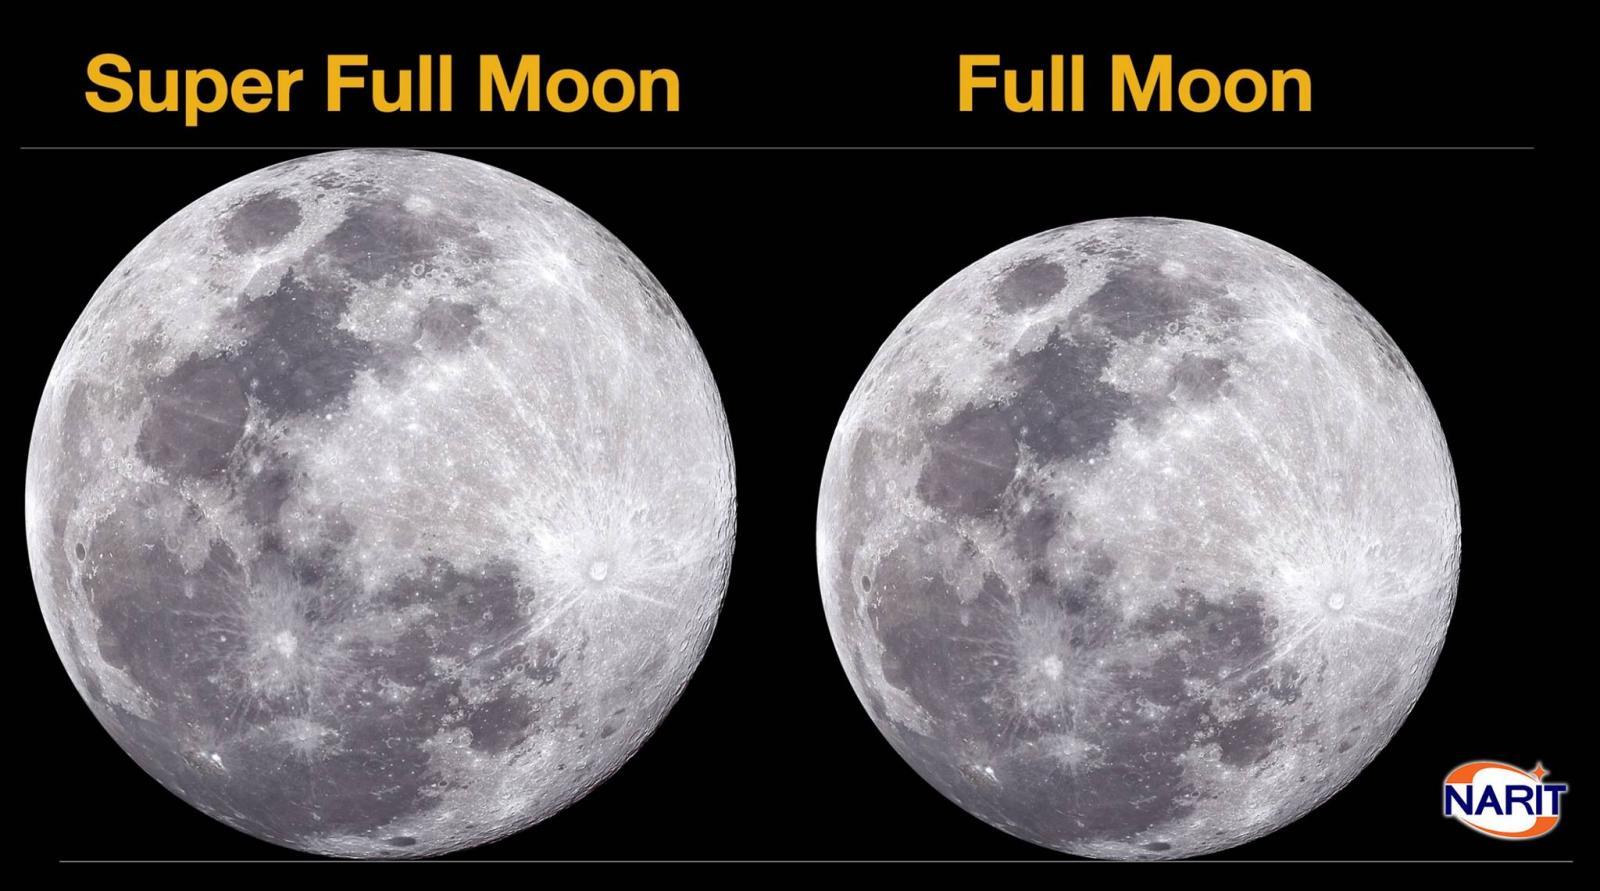 """เทคนิคล่าดวงจันทร์ดวงโต ก่อนชม """"ซูเปอร์ฟูลมูน"""""""